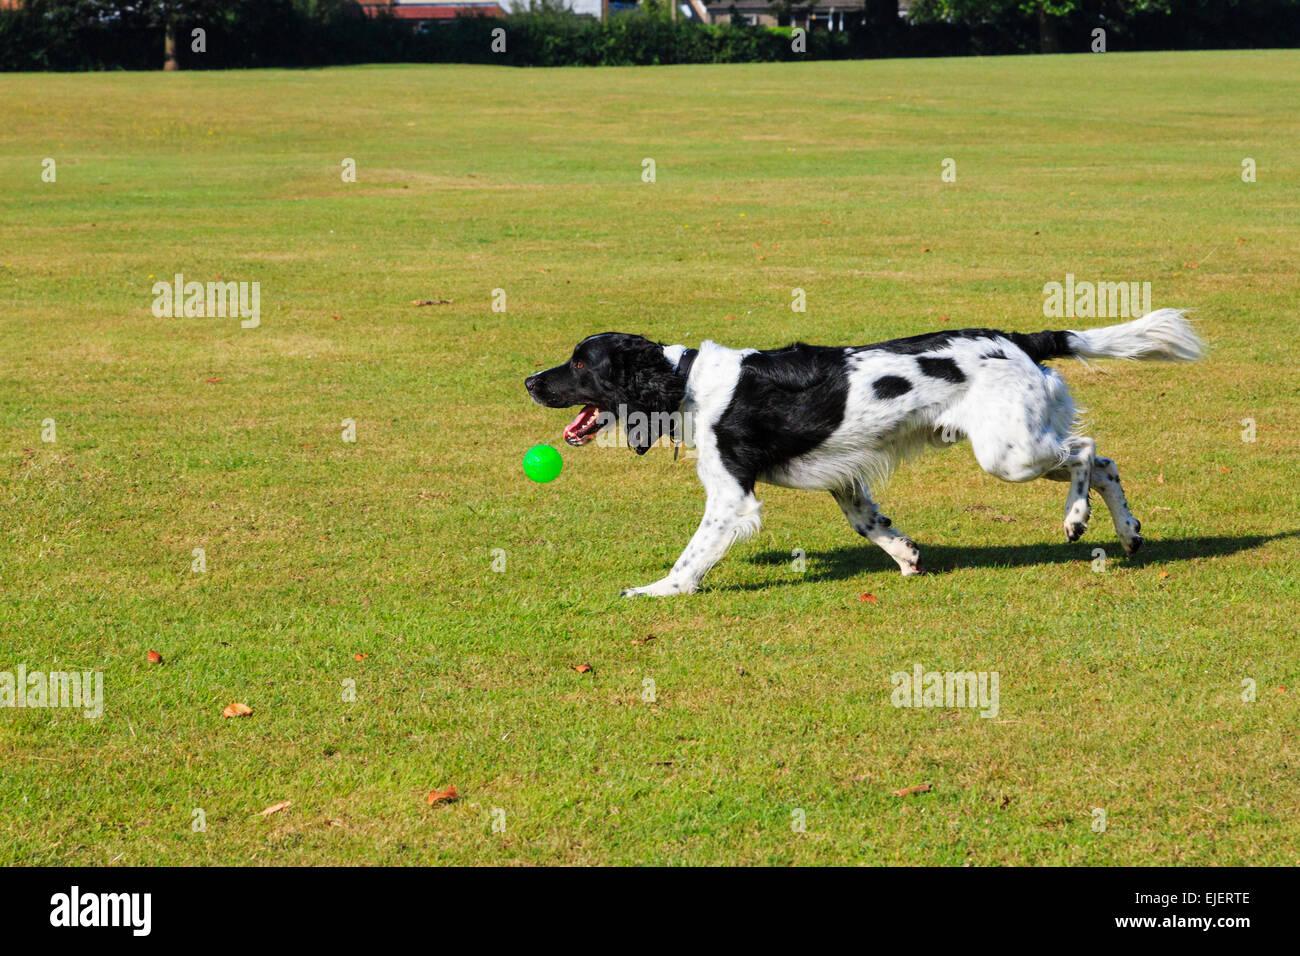 Ein erwachsener Schwarz und Weiß English Springer Spaniel hund spielen mit einem Ball Drop aus seinem Mund Stockbild